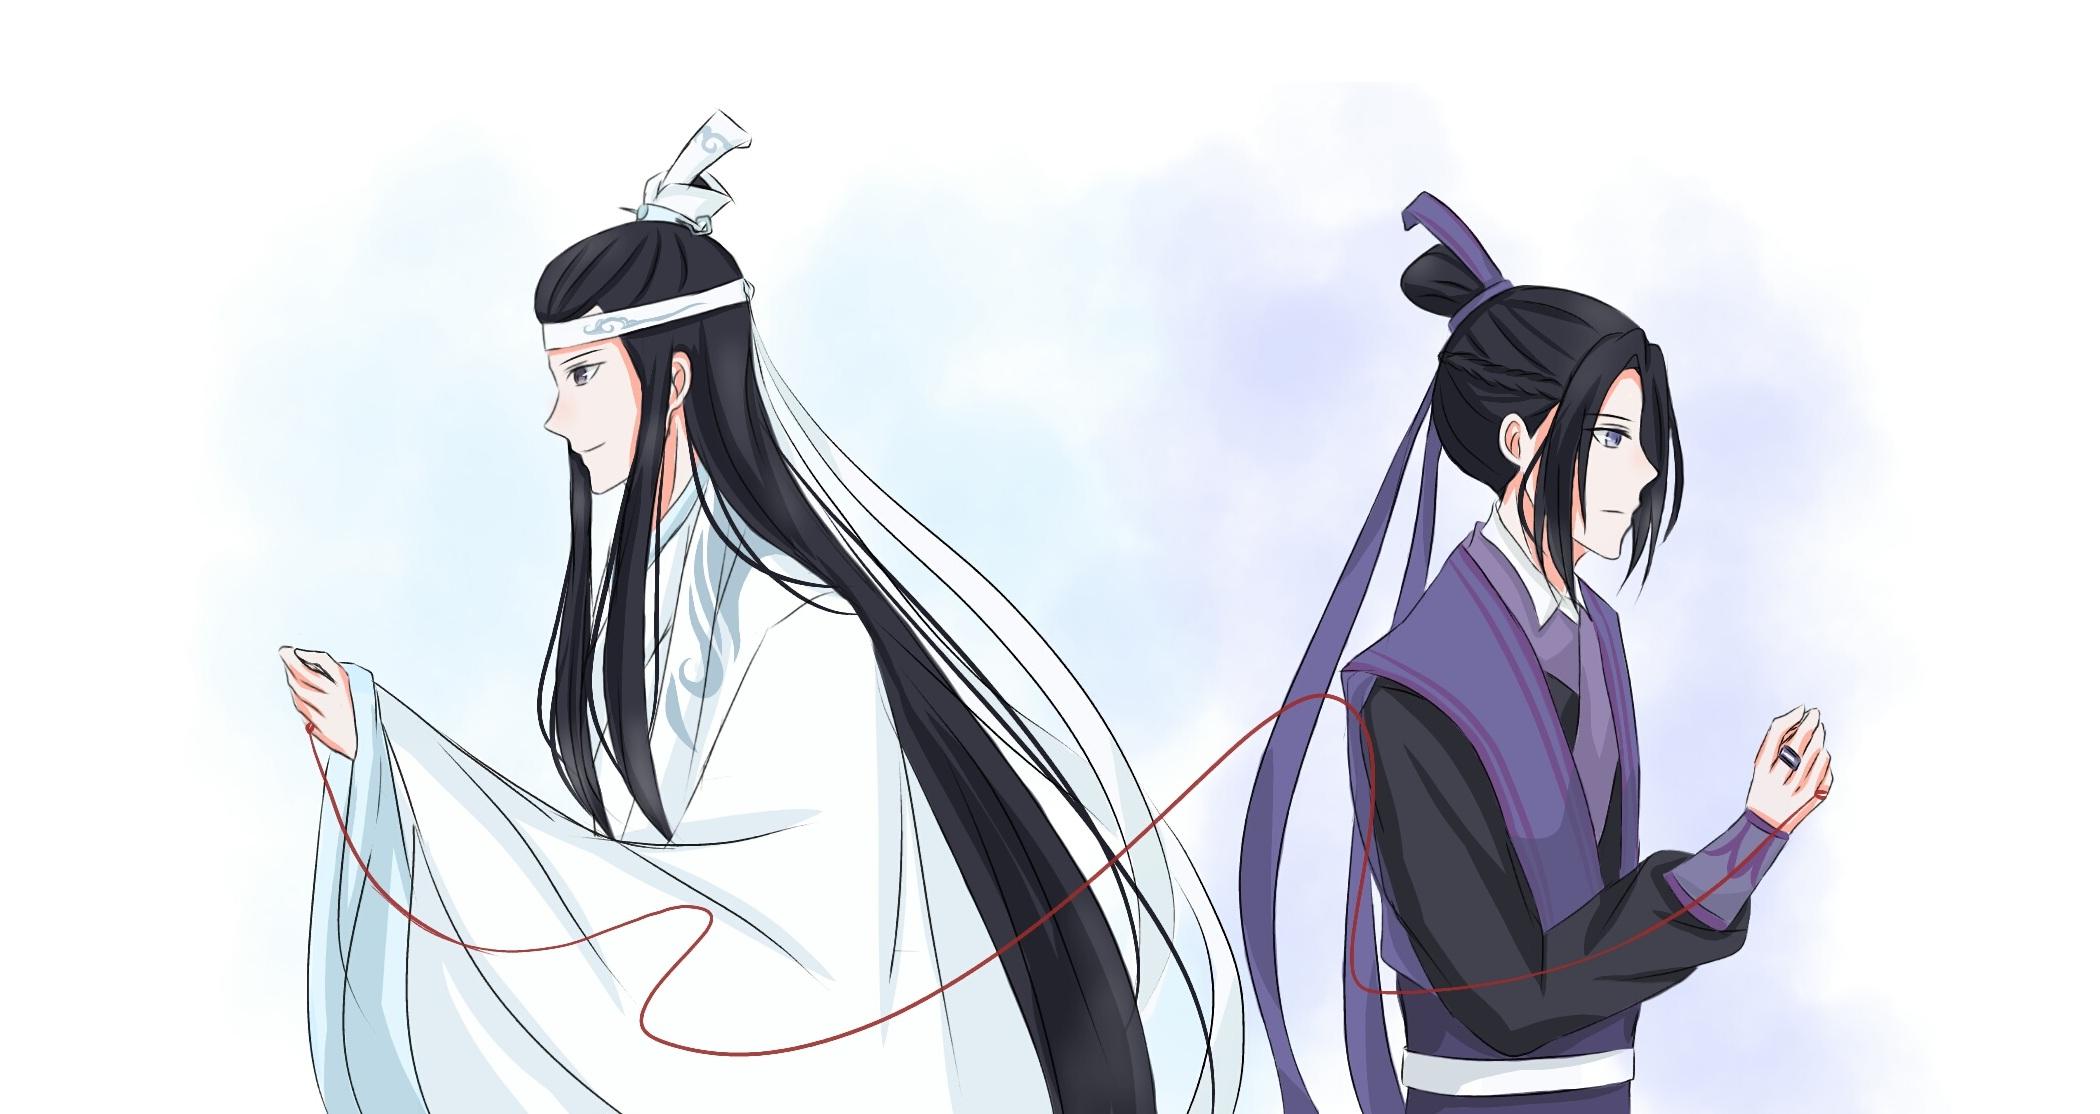 Jiang Cheng Jiang Wanyin Lan Huan Lan Xichen 2100x1114